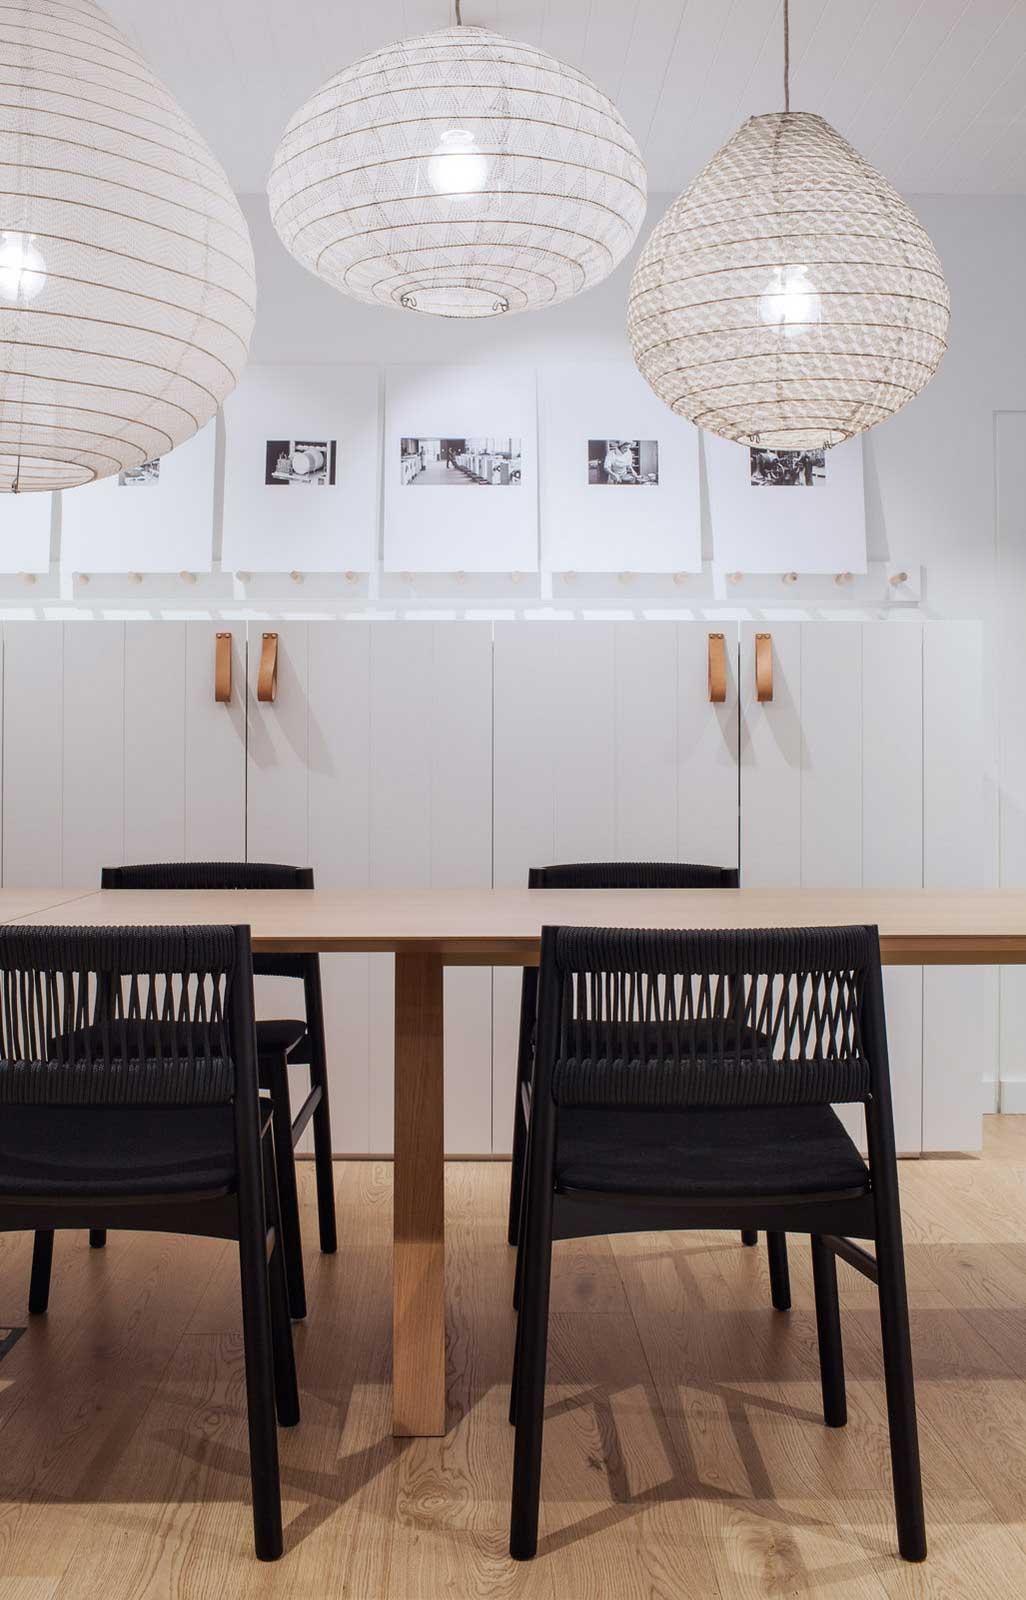 showroom design (2)